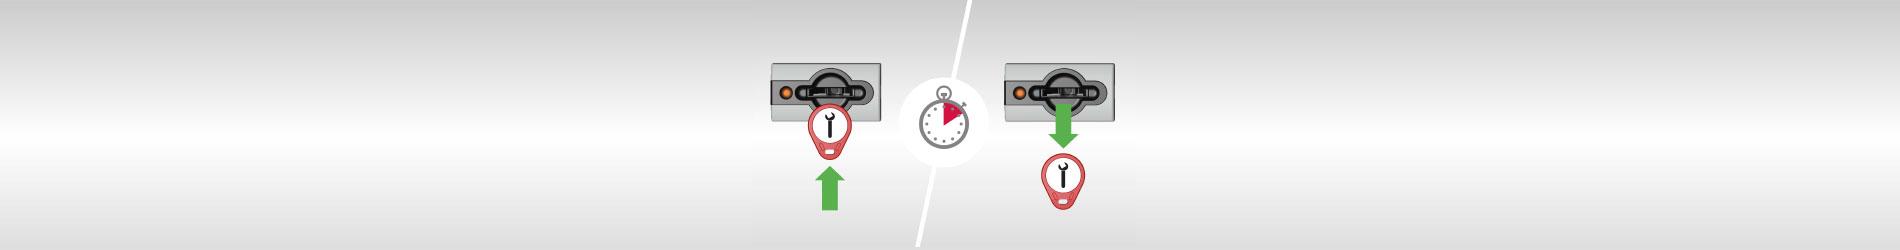 Zugriffe erfassen und Benutzerrechte flexibel verwalten